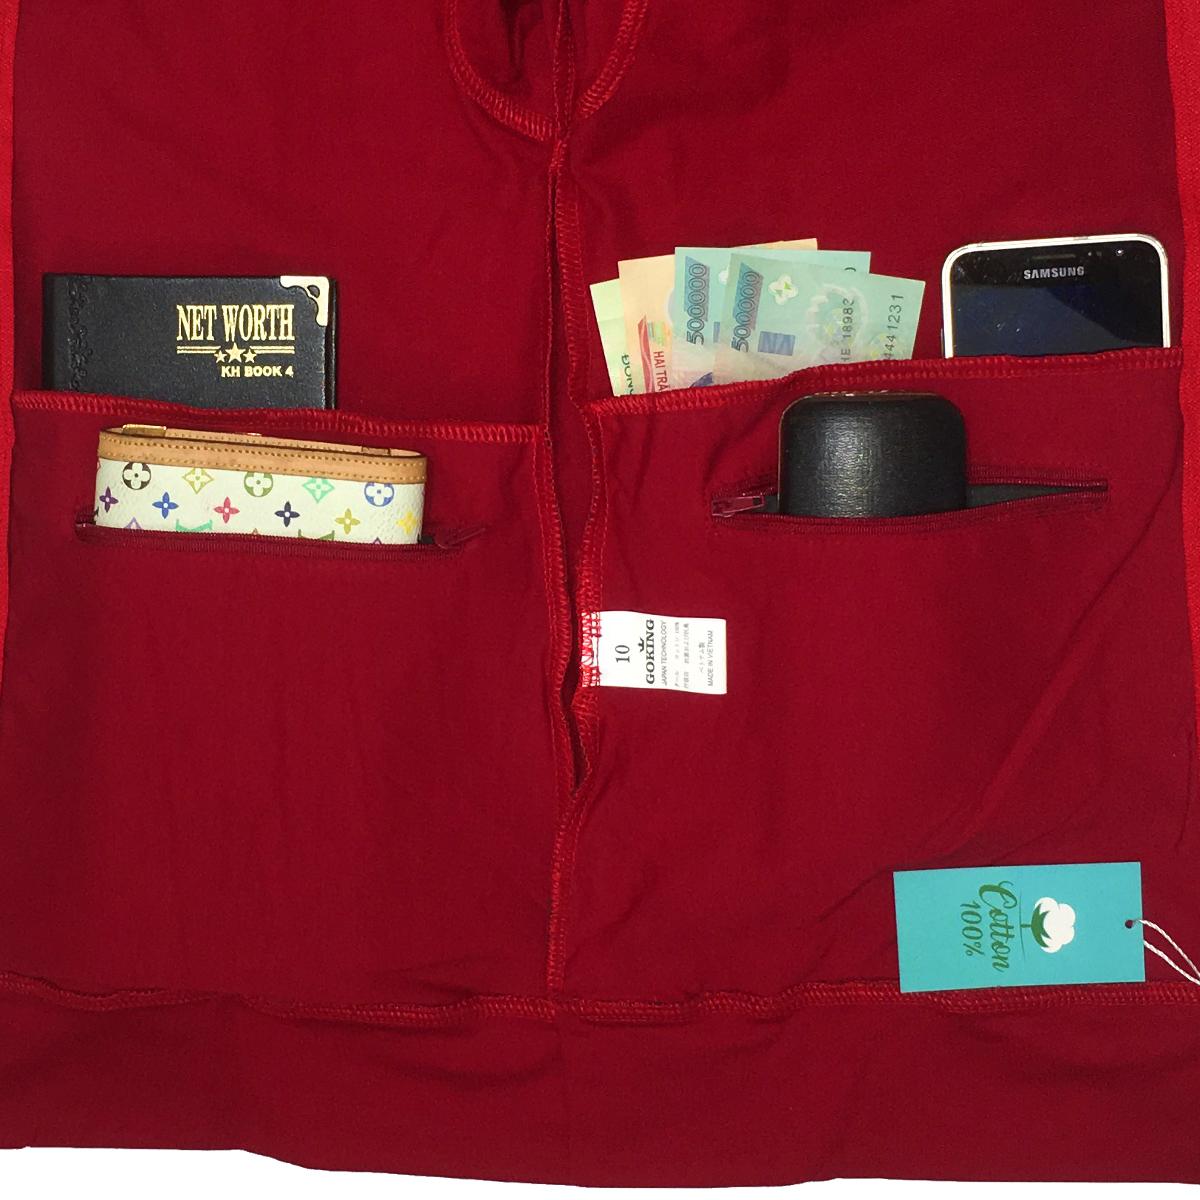 Áo khoác nữ GOKING vải da cá dày 100% cotton, thích hợp chống nắng và giữ ấm hiệu quả 2